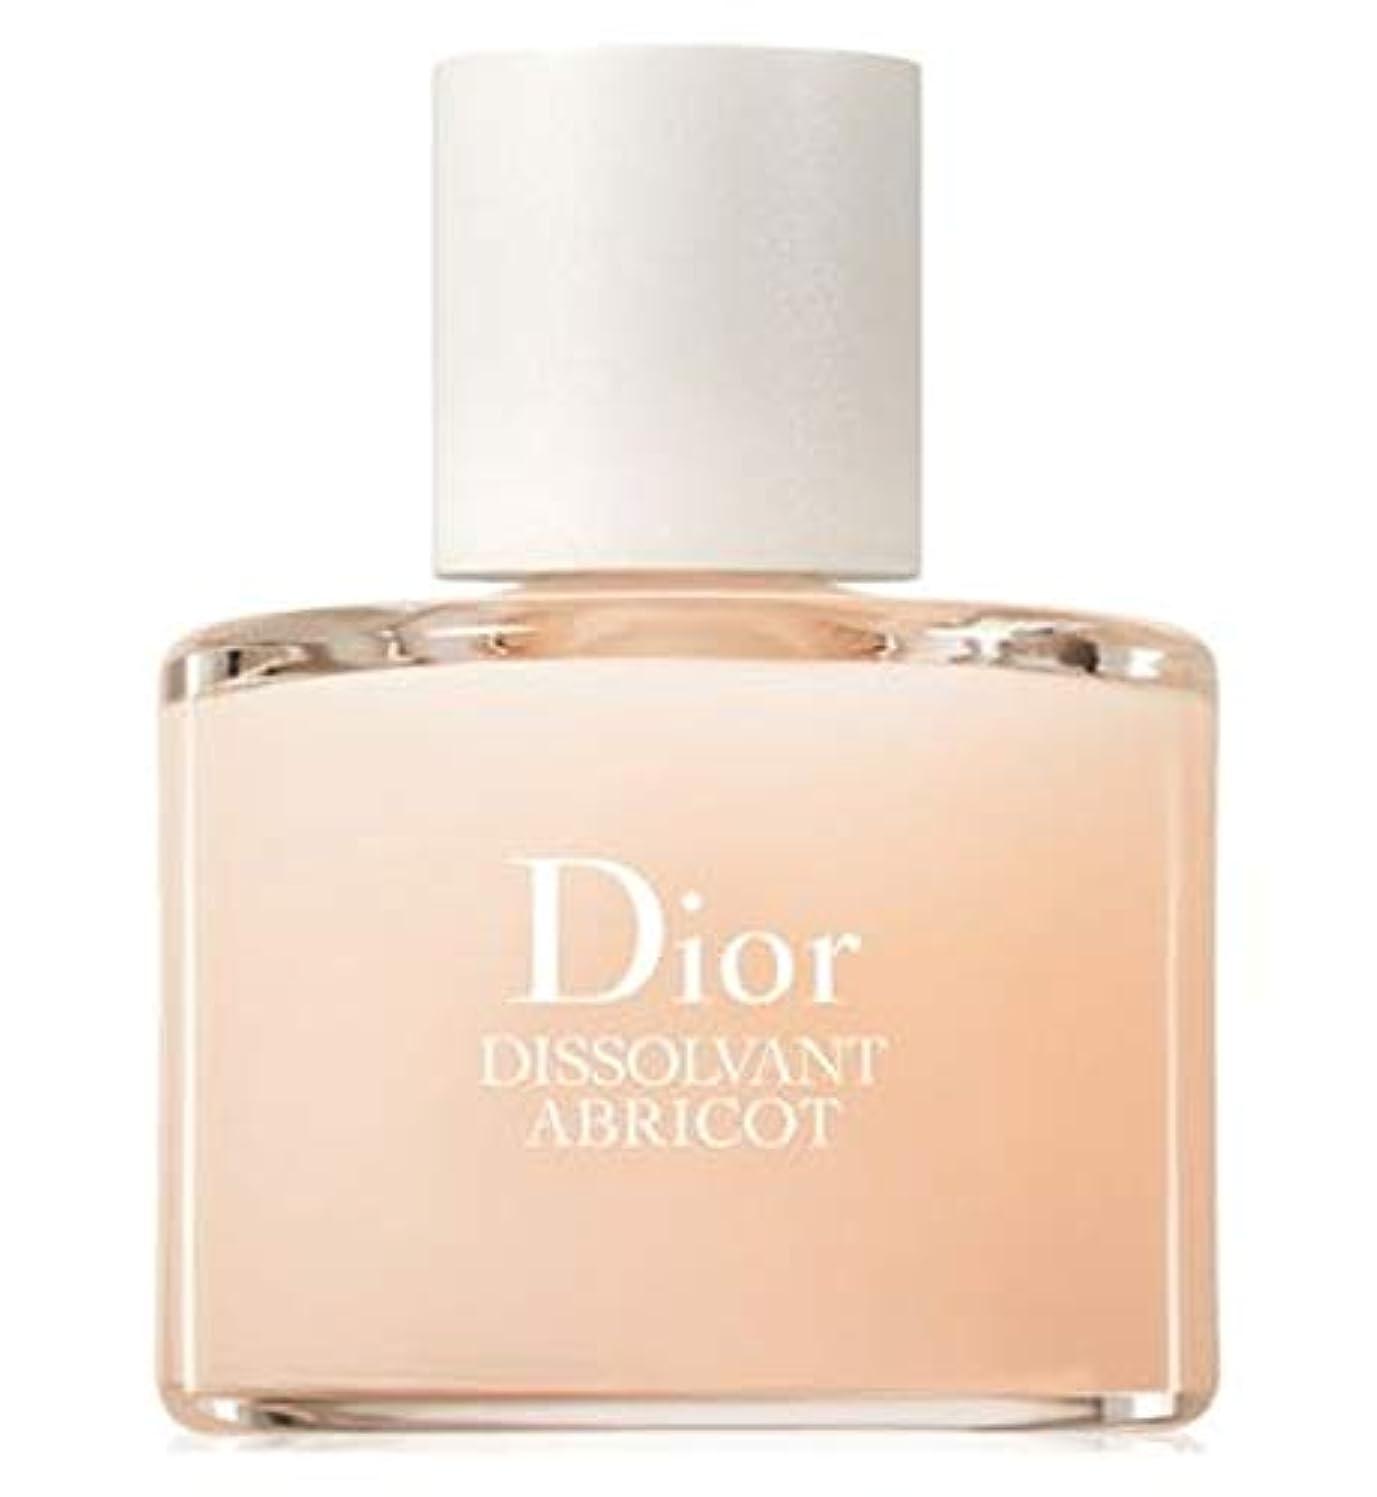 前書き上がる交じる[Dior] Abricotケア濃縮50ミリリットルで穏やかポリッシュリムーバーAbricotディオールDissolvant - Dior Dissolvant Abricot Gentle Polish Remover With Abricot Care Concentrate 50ml [並行輸入品]